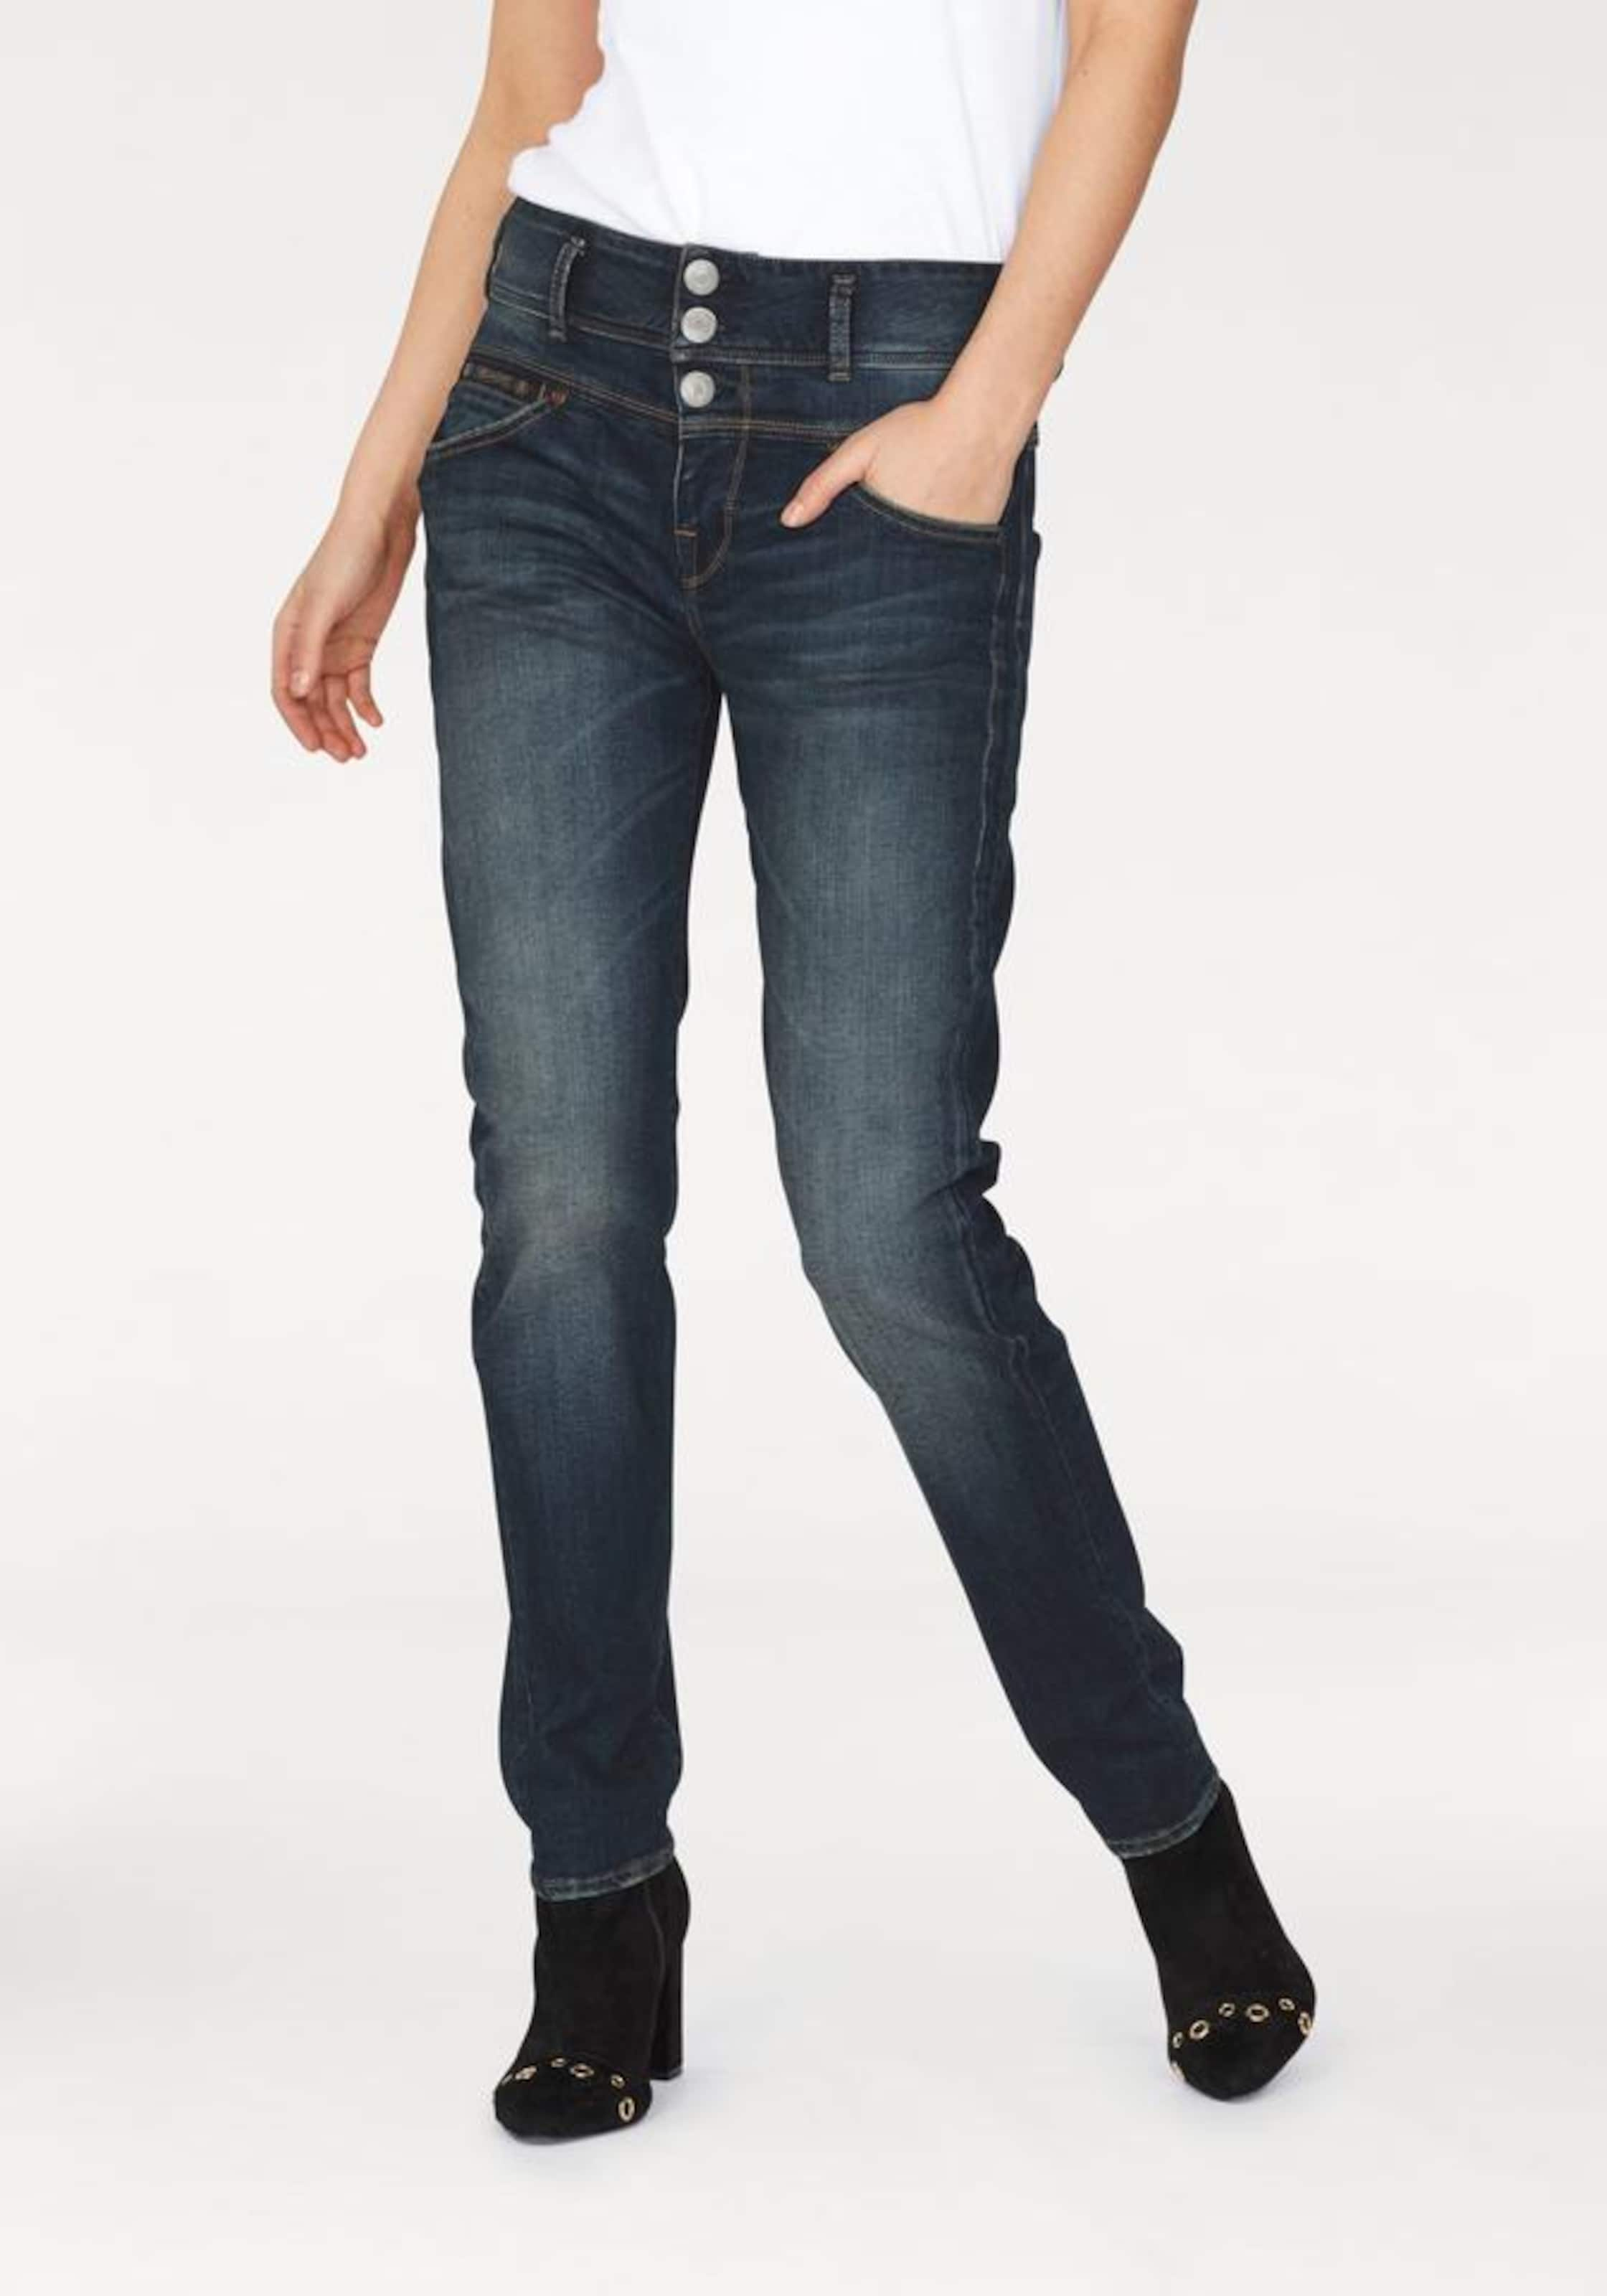 2018 Neuester Günstiger Preis Auslass Freies Verschiffen Herrlicher 'Raya Boy' Boyfriend Jeans Freies Verschiffen Finish 2kZDh